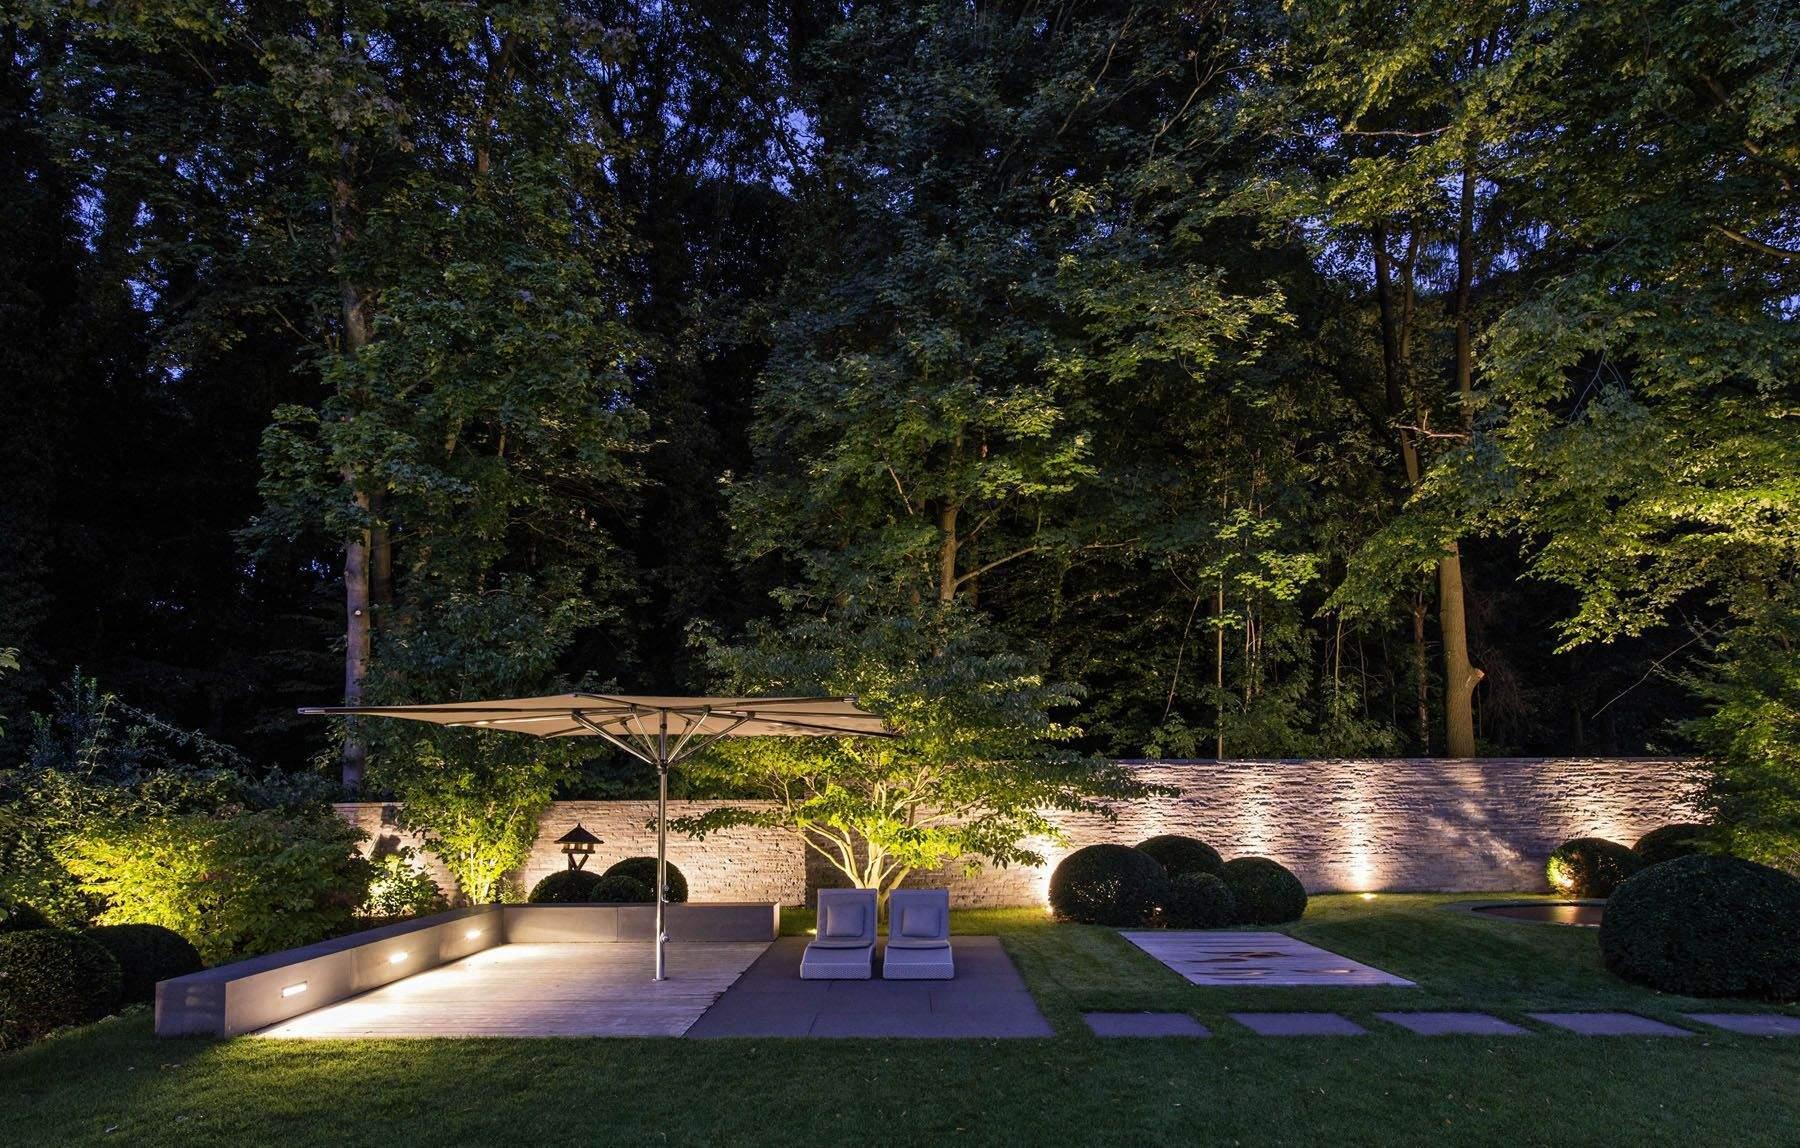 hangsicherung garten elegant 35 reizend garten terrassen ideen schon of hangsicherung garten